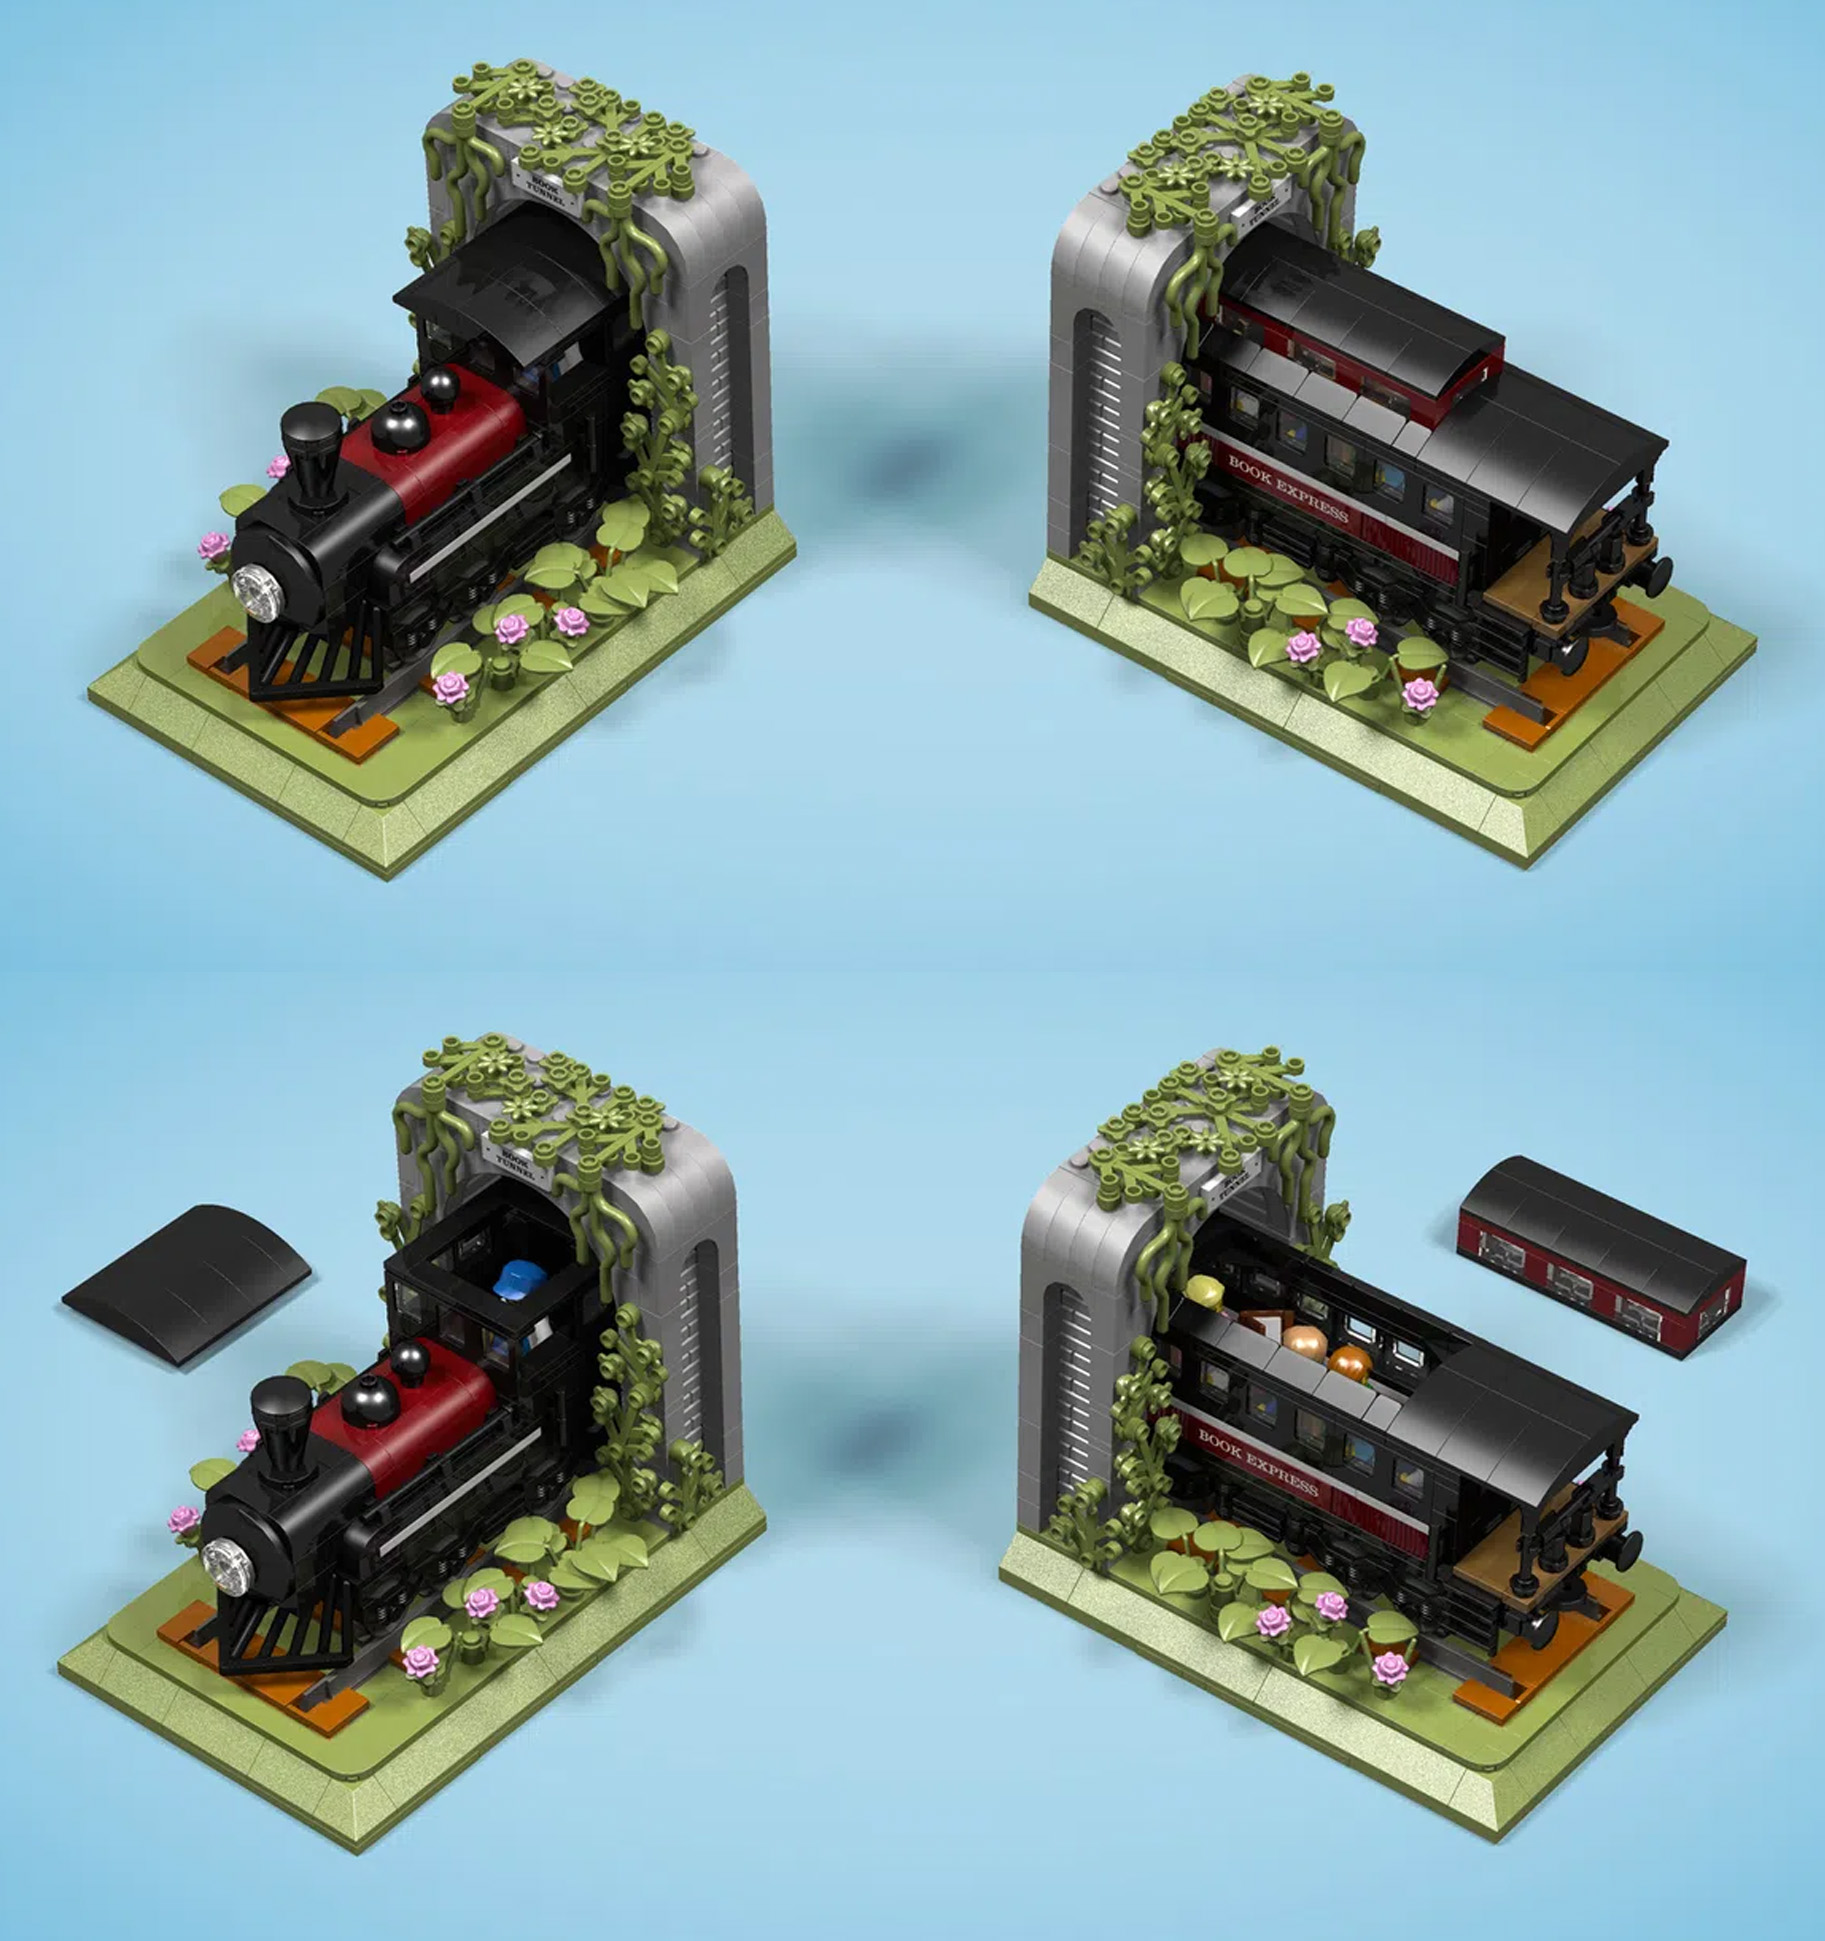 レゴアイデアで『汽車のブックエンド』が製品化レビュー進出!2021年第1回1万サポート獲得デザイン紹介